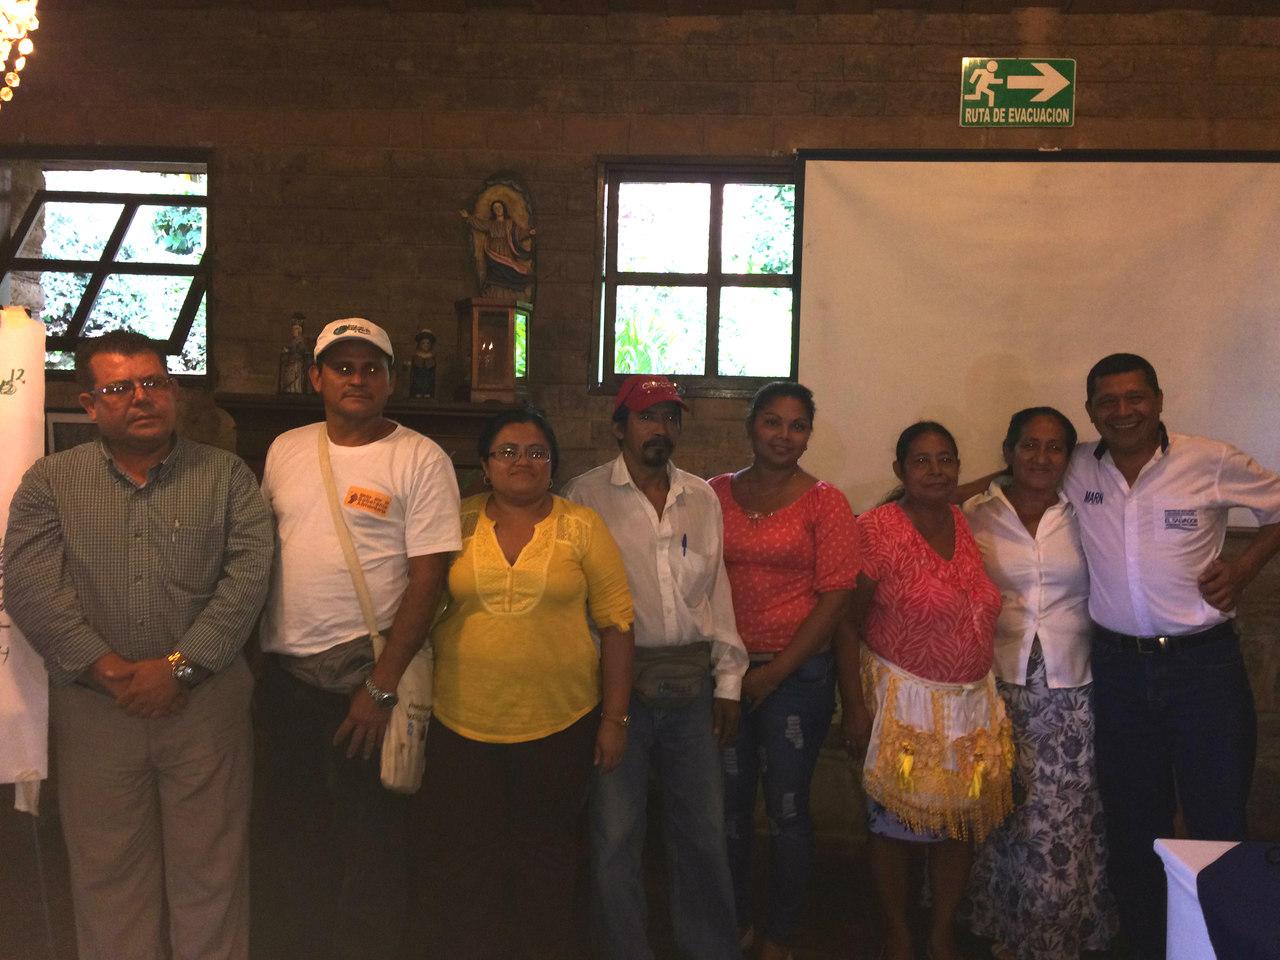 Se conforma Comité Ramsar en El Salvador